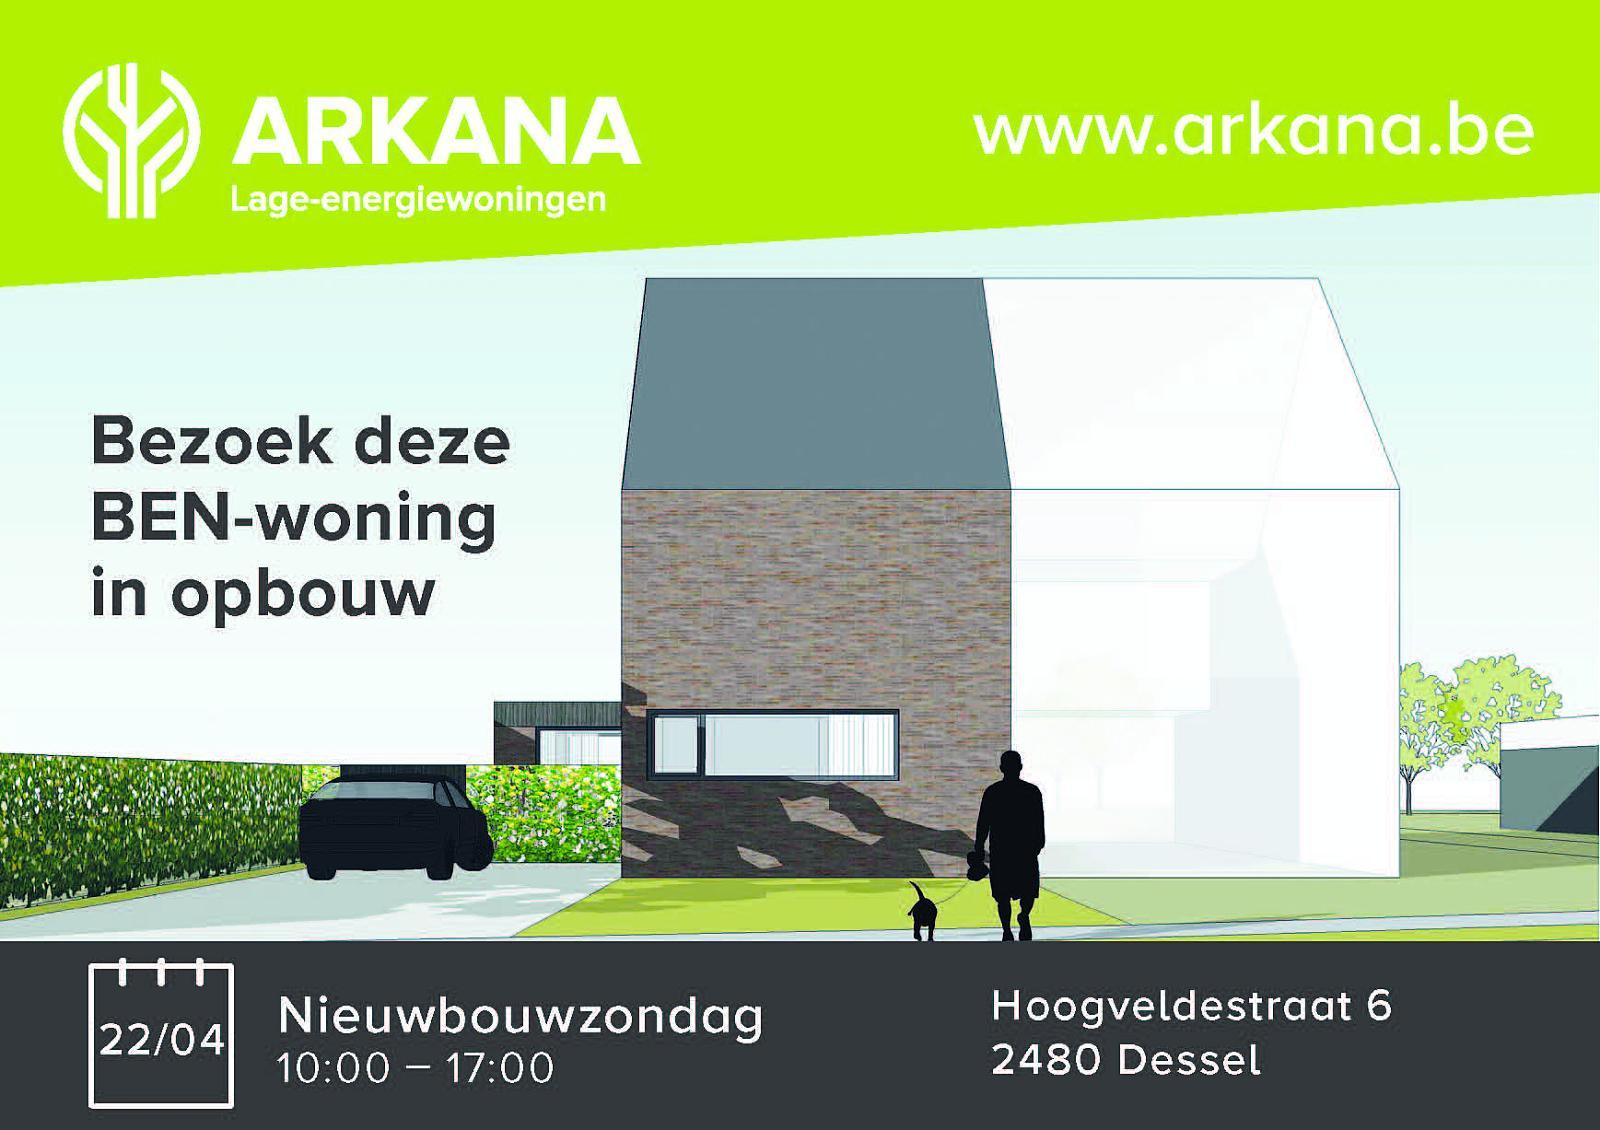 25258-2018-03-22-nieuwbouwzondag_arkana_dezondag